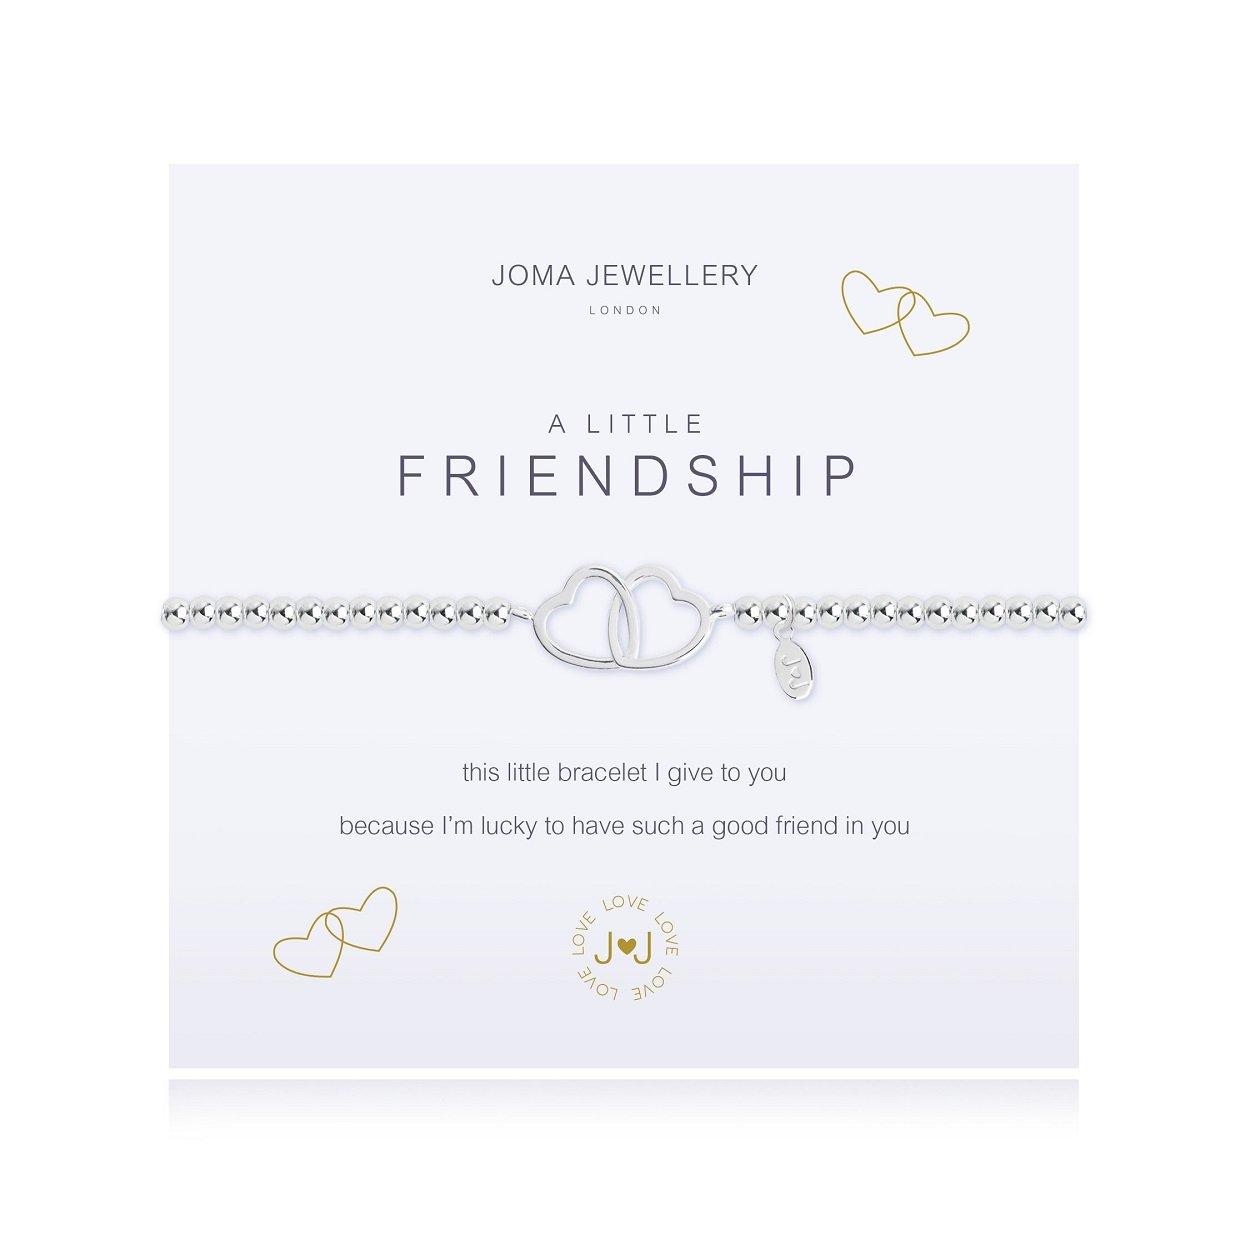 Joma Jewellery A Little Friendship Bracelet - Linking Silver Hearts DlpuAYYxAw